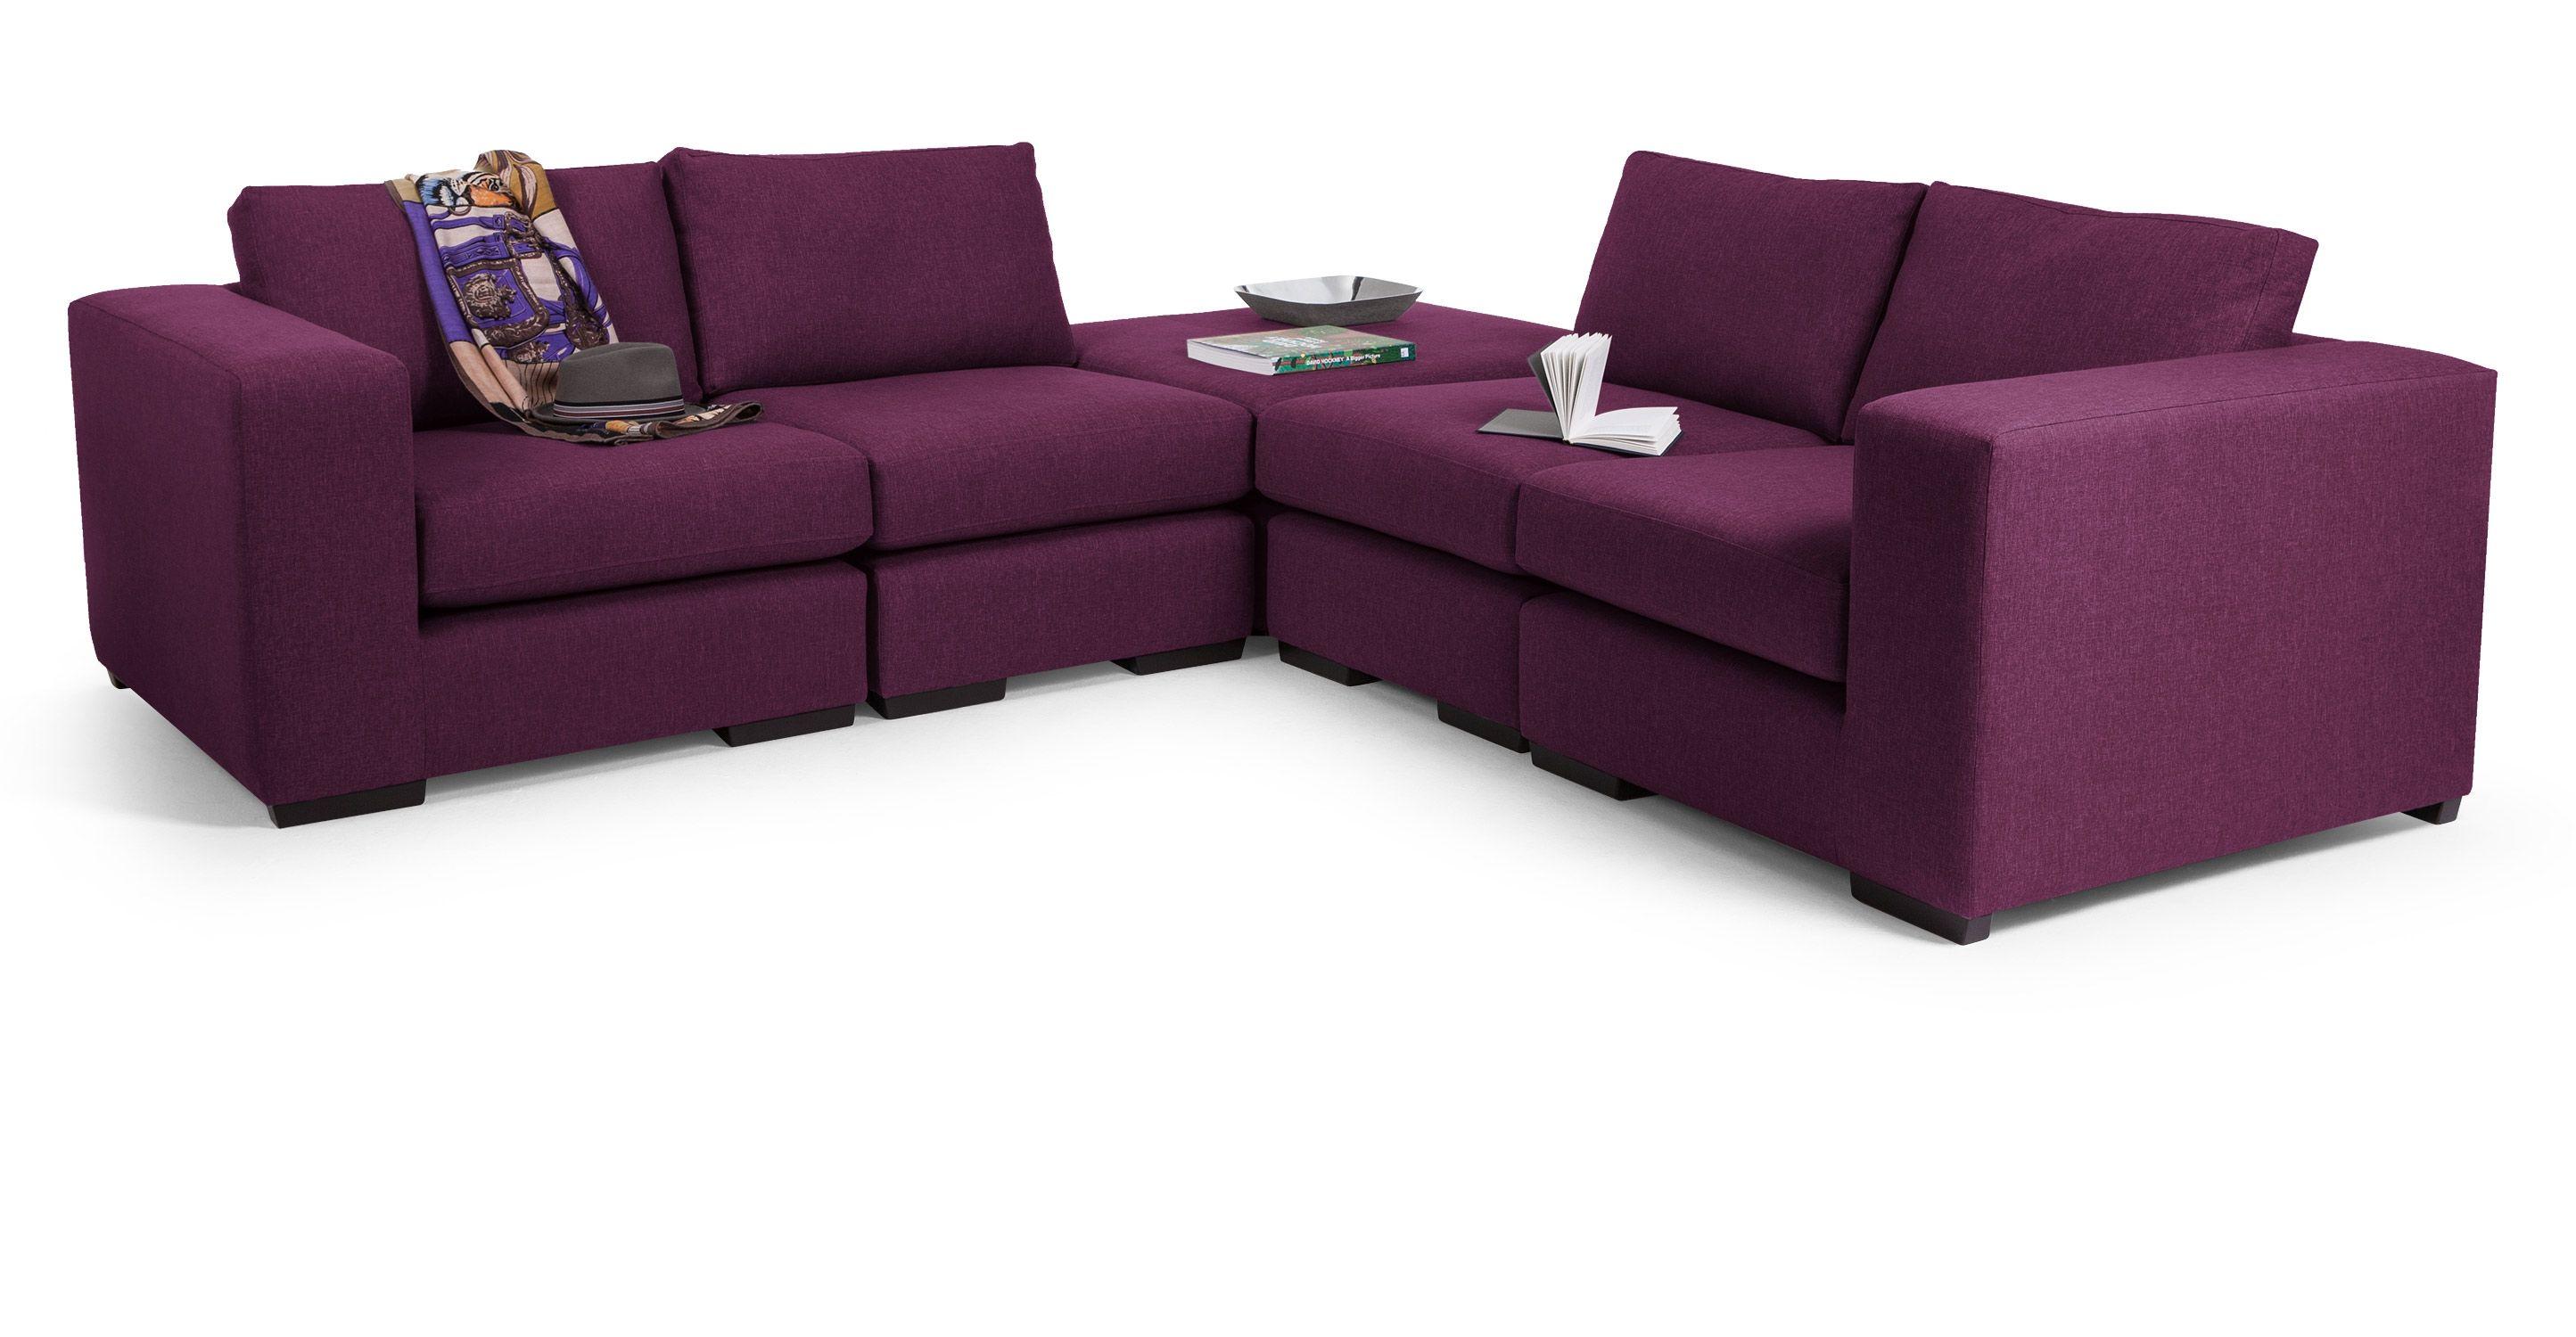 Abingdon Modular Corner Sofa Group, Grape Purple Modular